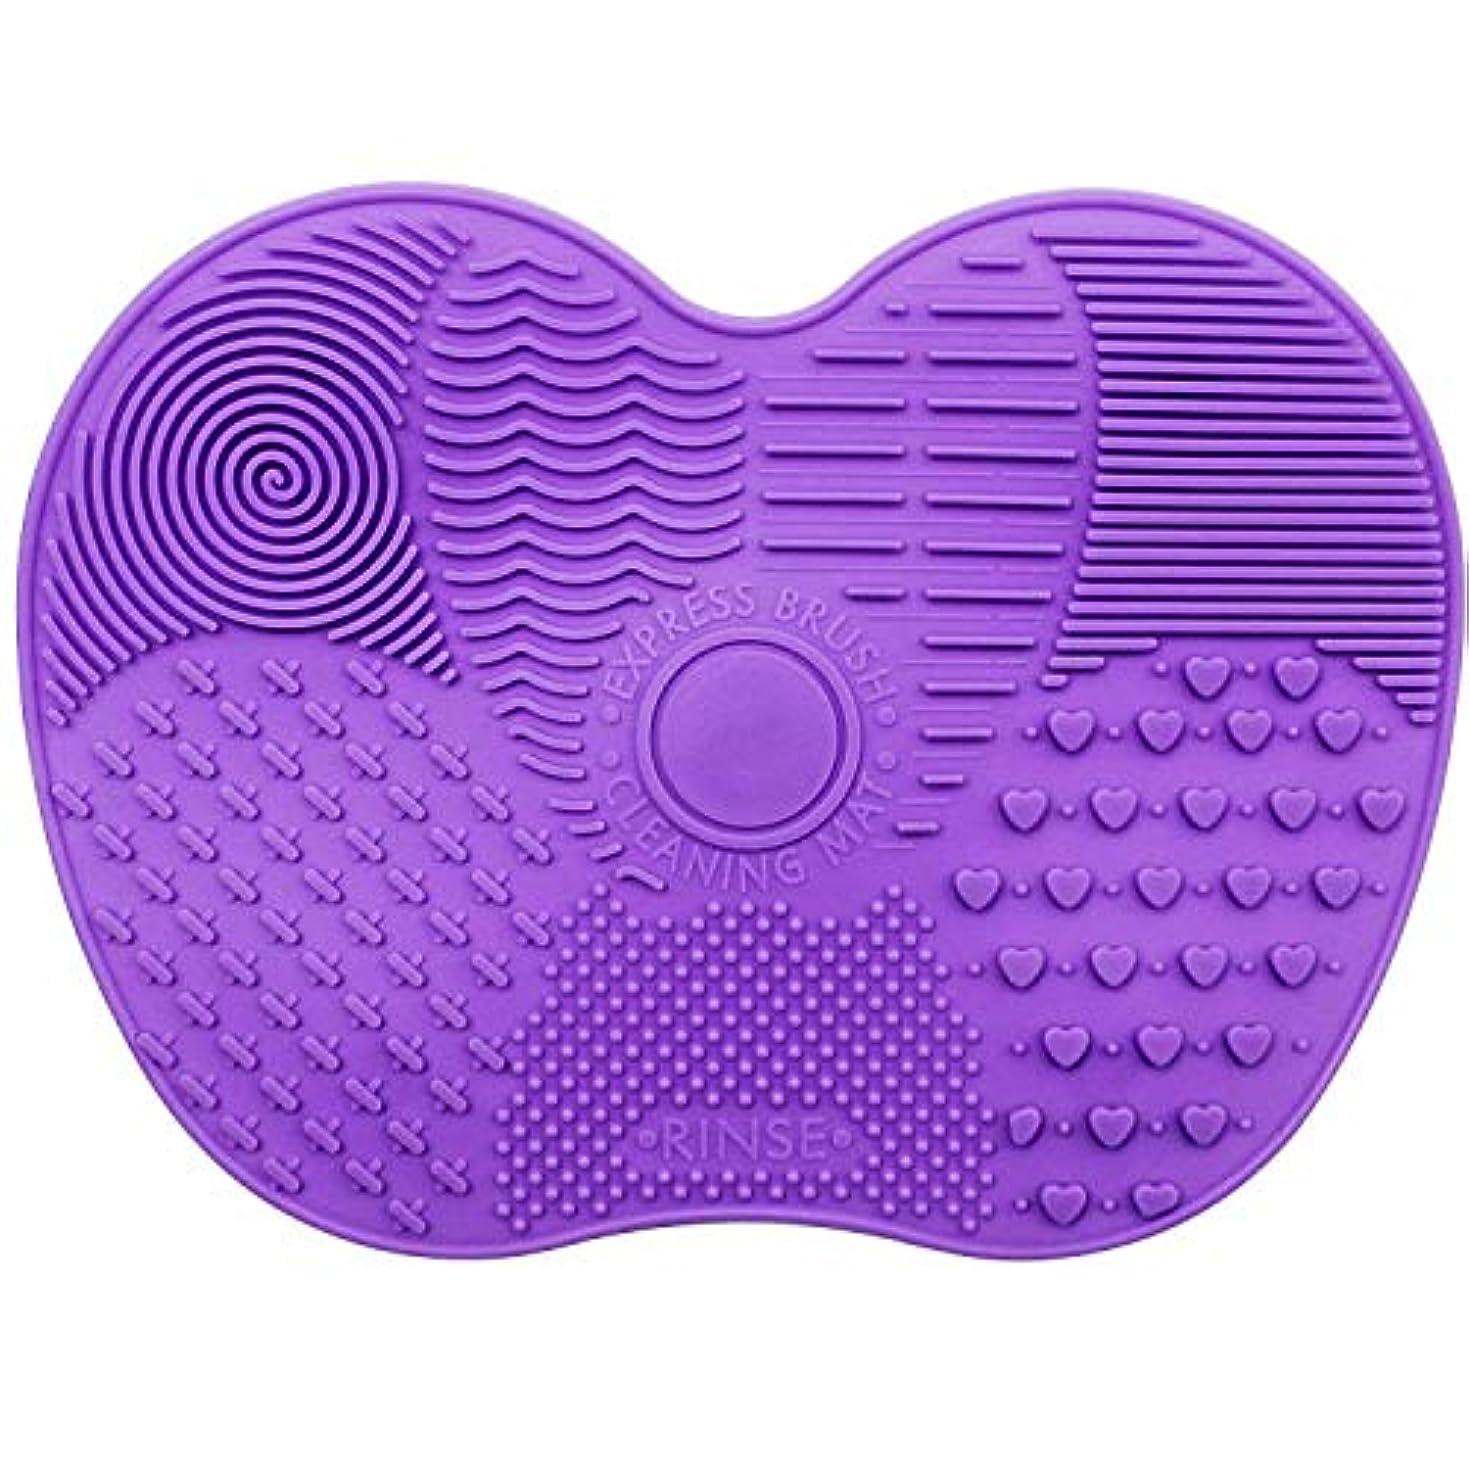 寛大な合図設計図Pichidr-JPメイクブラシ クリーナー シリコンマット化粧 洗浄 化粧筆 筆洗い(パープル)